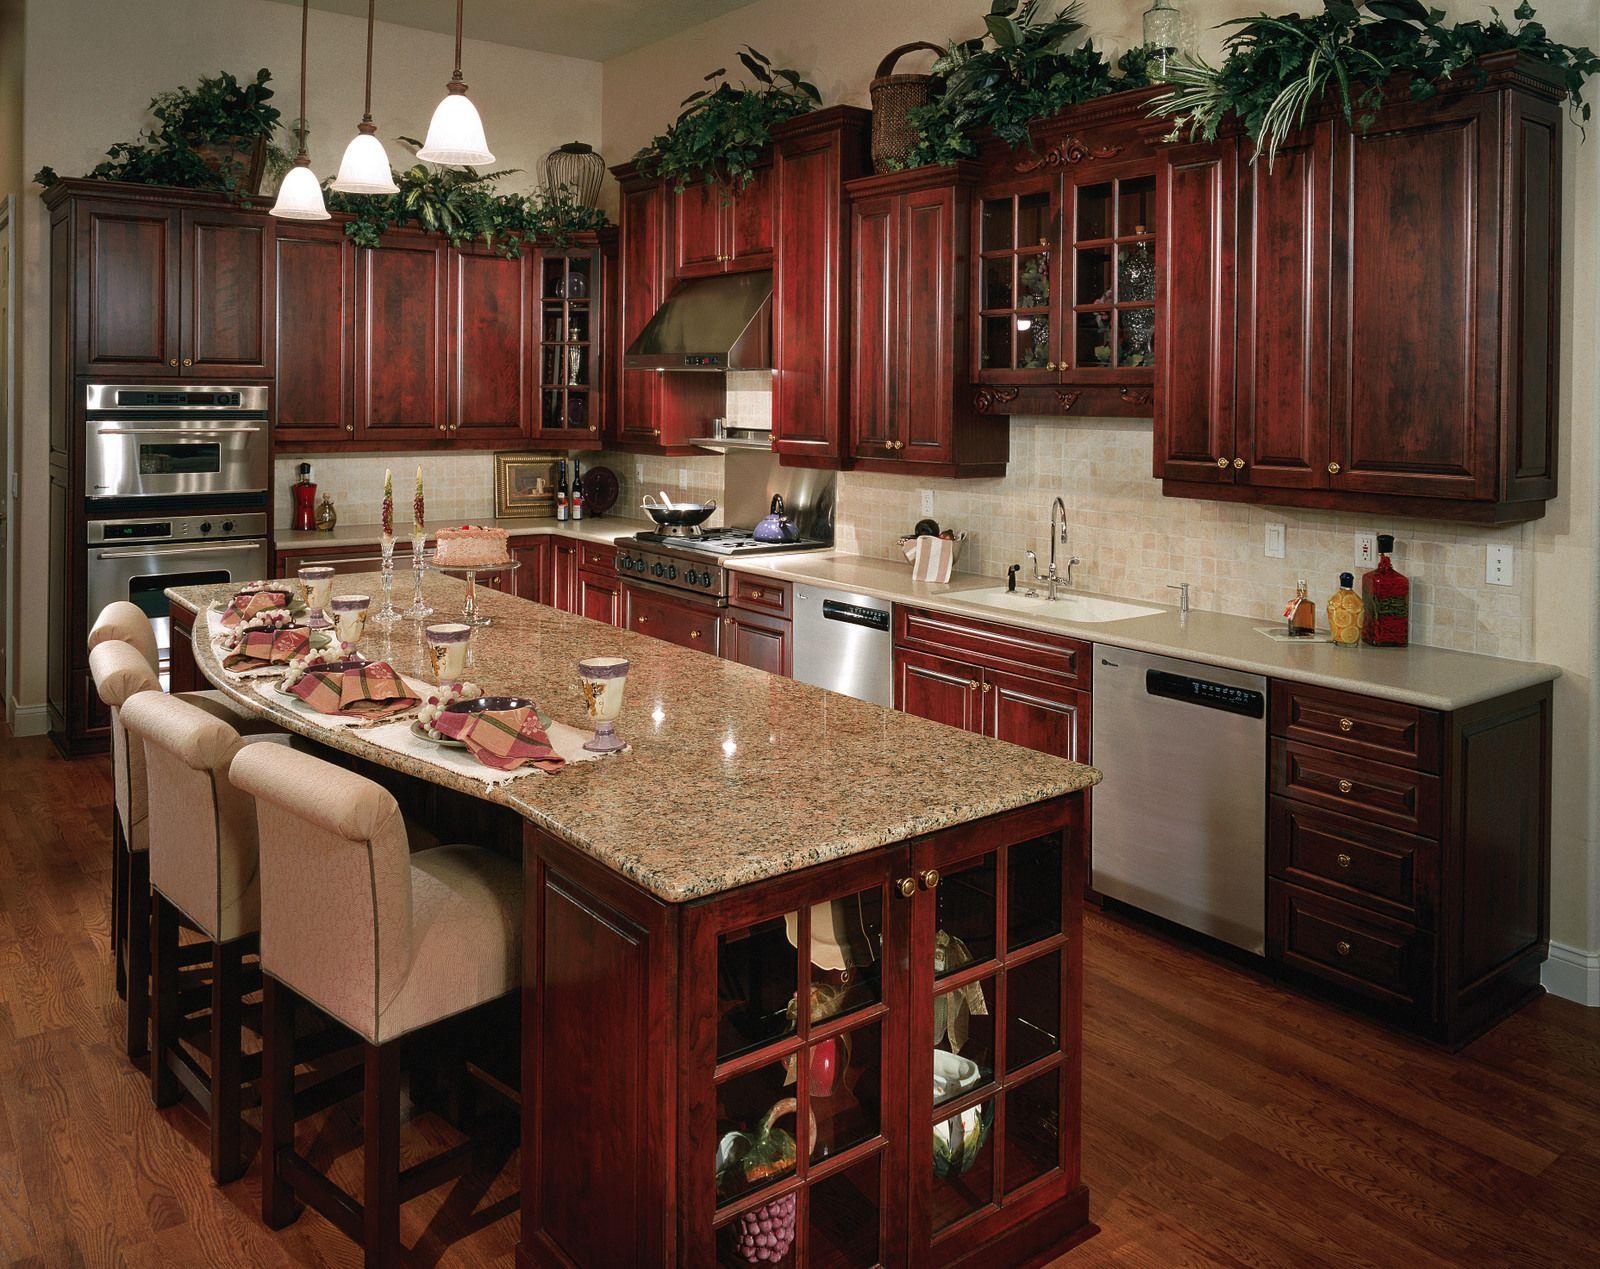 Das Hampton Bay Küchenschränke - Küchen Überprüfen Sie mehr http ...